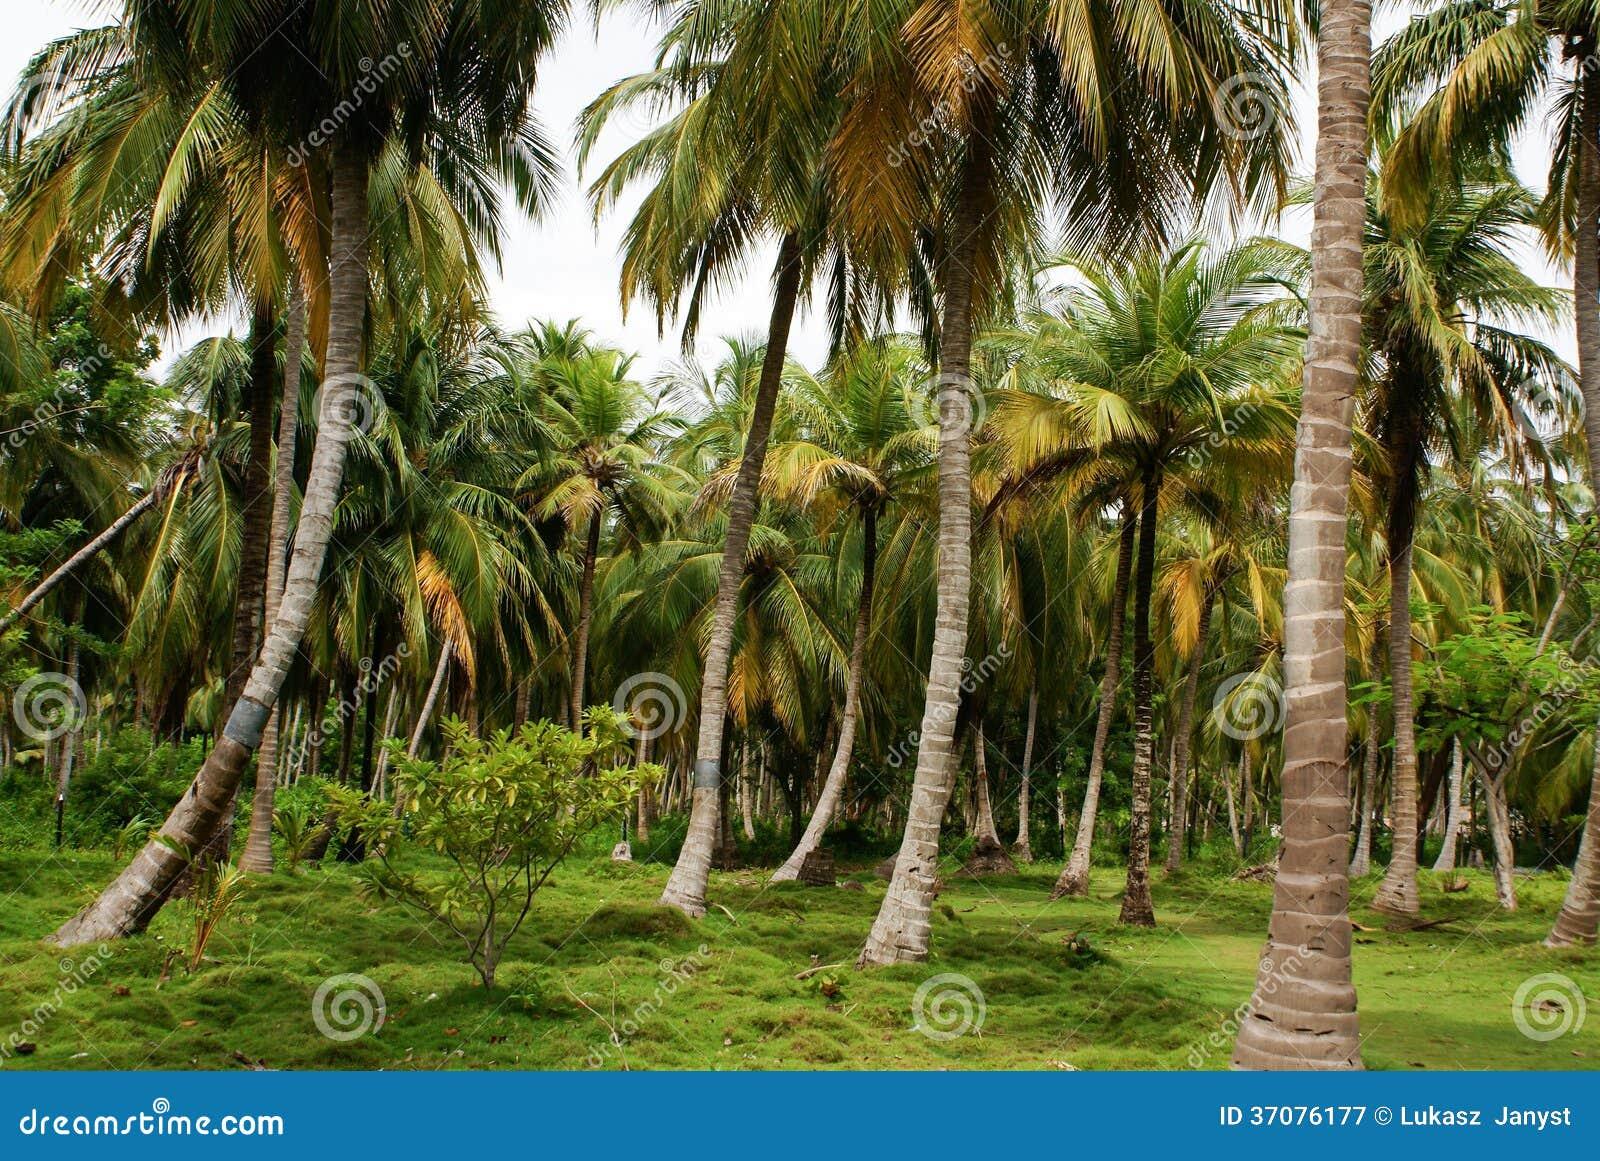 Download Zielony Palmowy Las W Kolumbijskiej Wyspie Mucura Obraz Stock - Obraz złożonej z idylliczny, kolor: 37076177